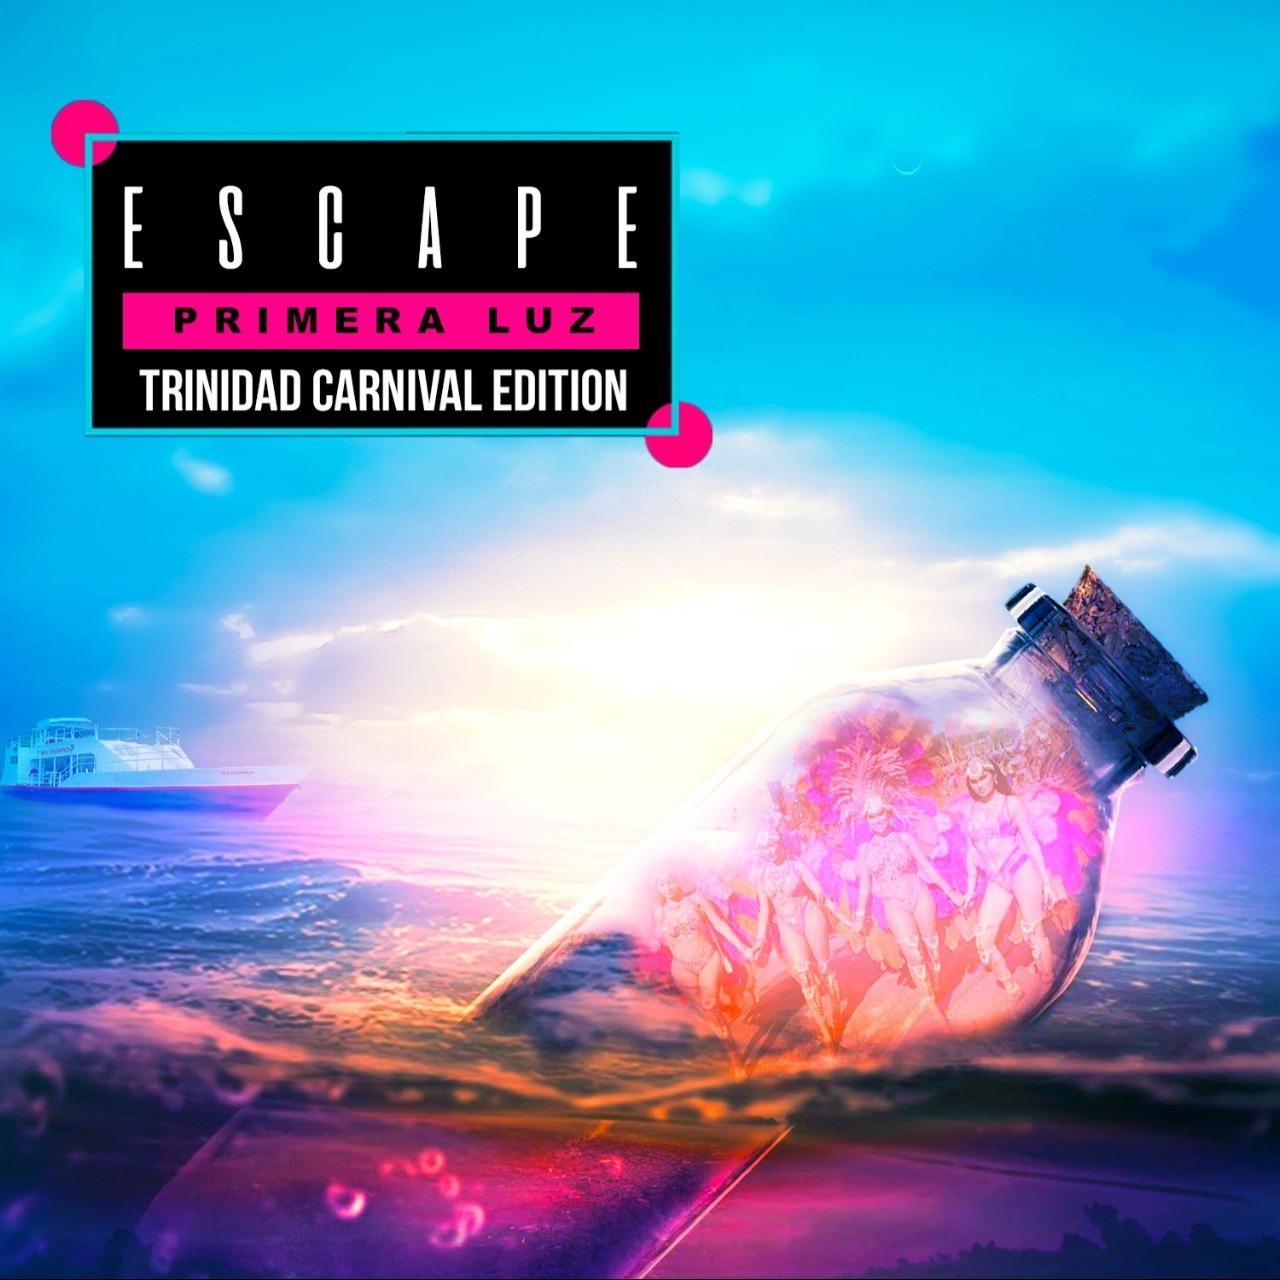 ESCAPE THE CRUISE - THE CARNIVAL EDITION